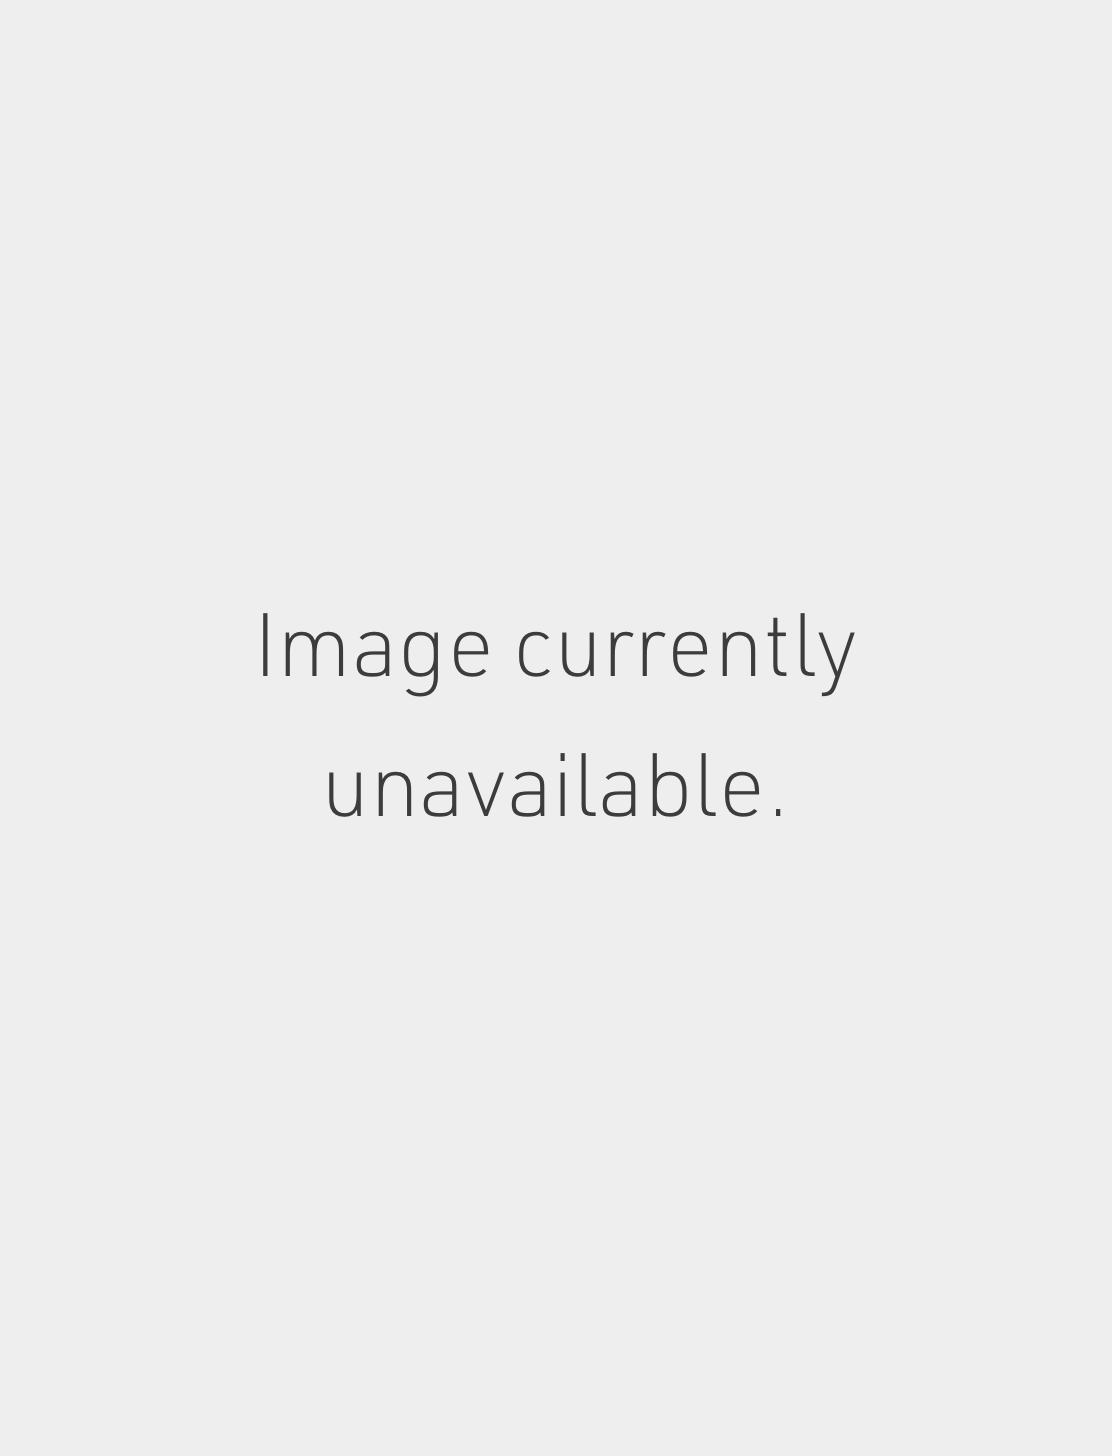 14k 25mm Flat Hoop Earring - WHITE GOLD Image #3